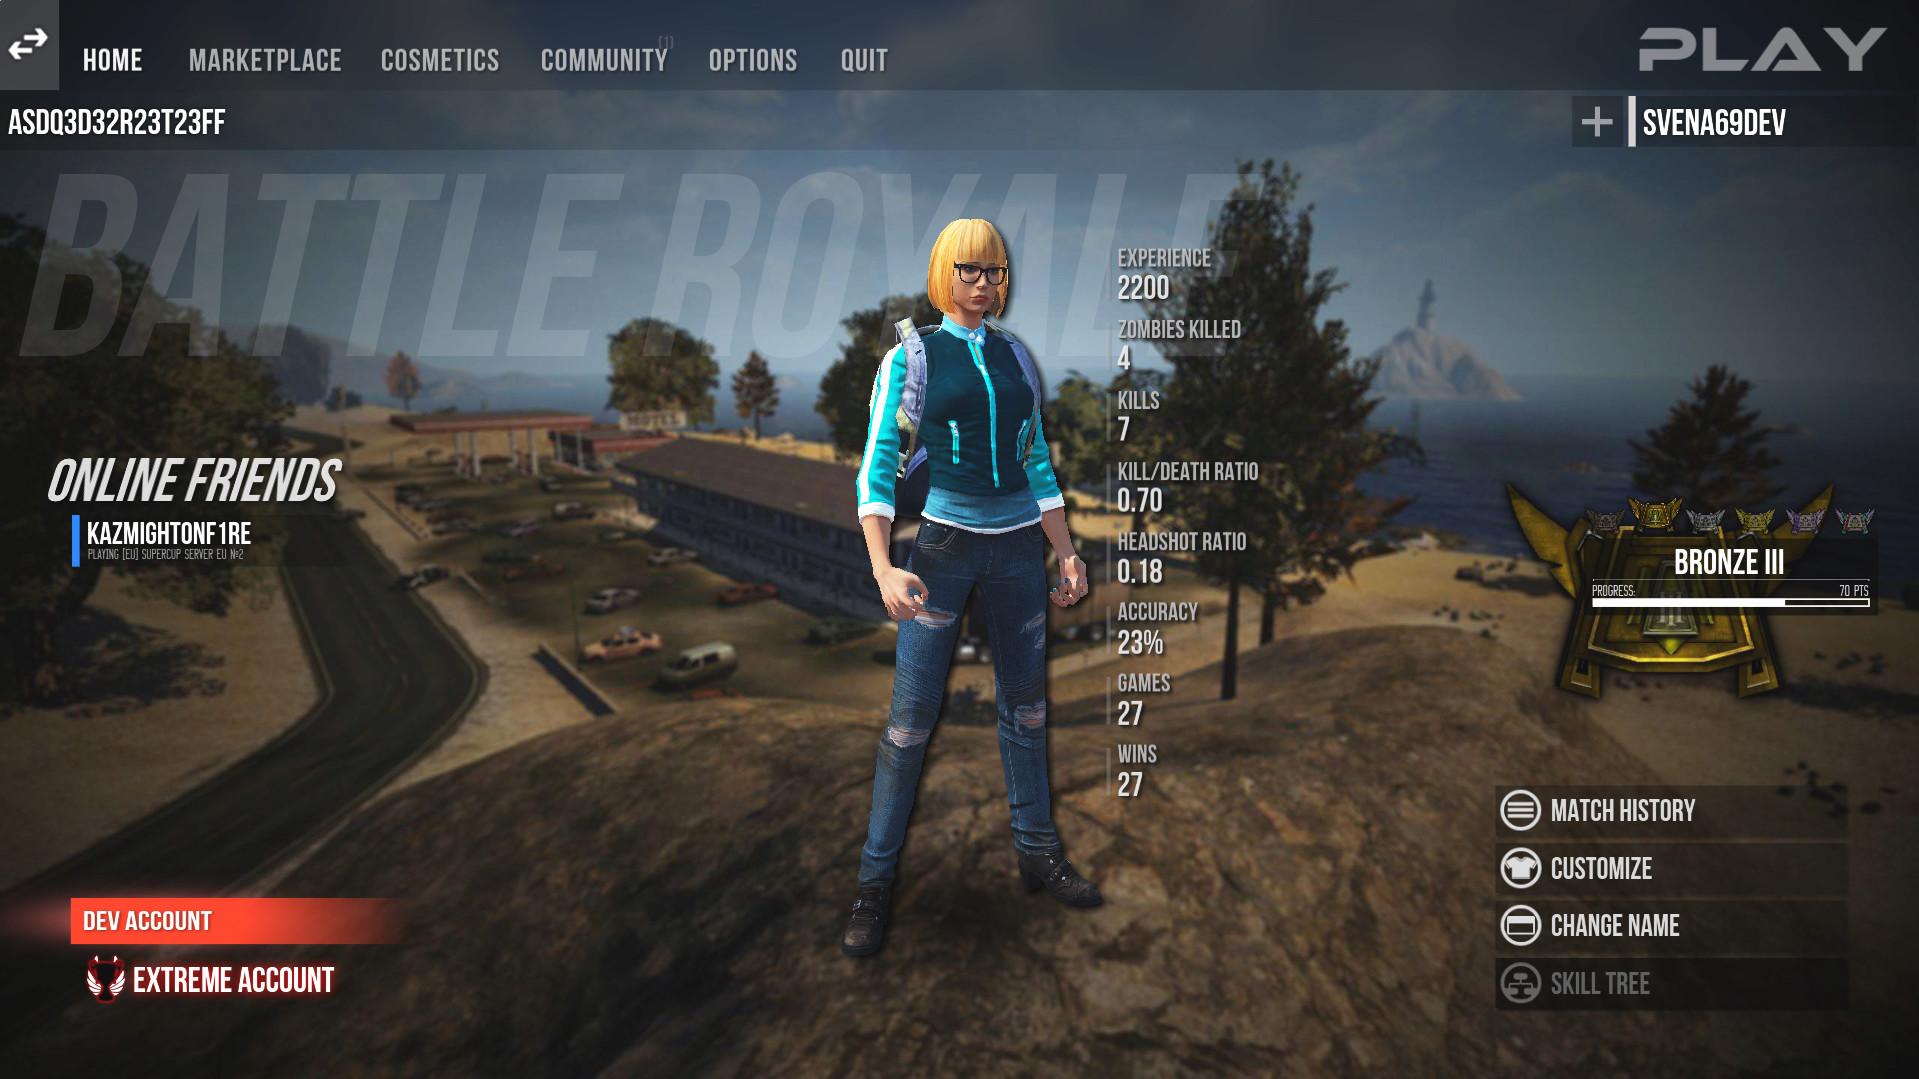 infestation играть онлайн